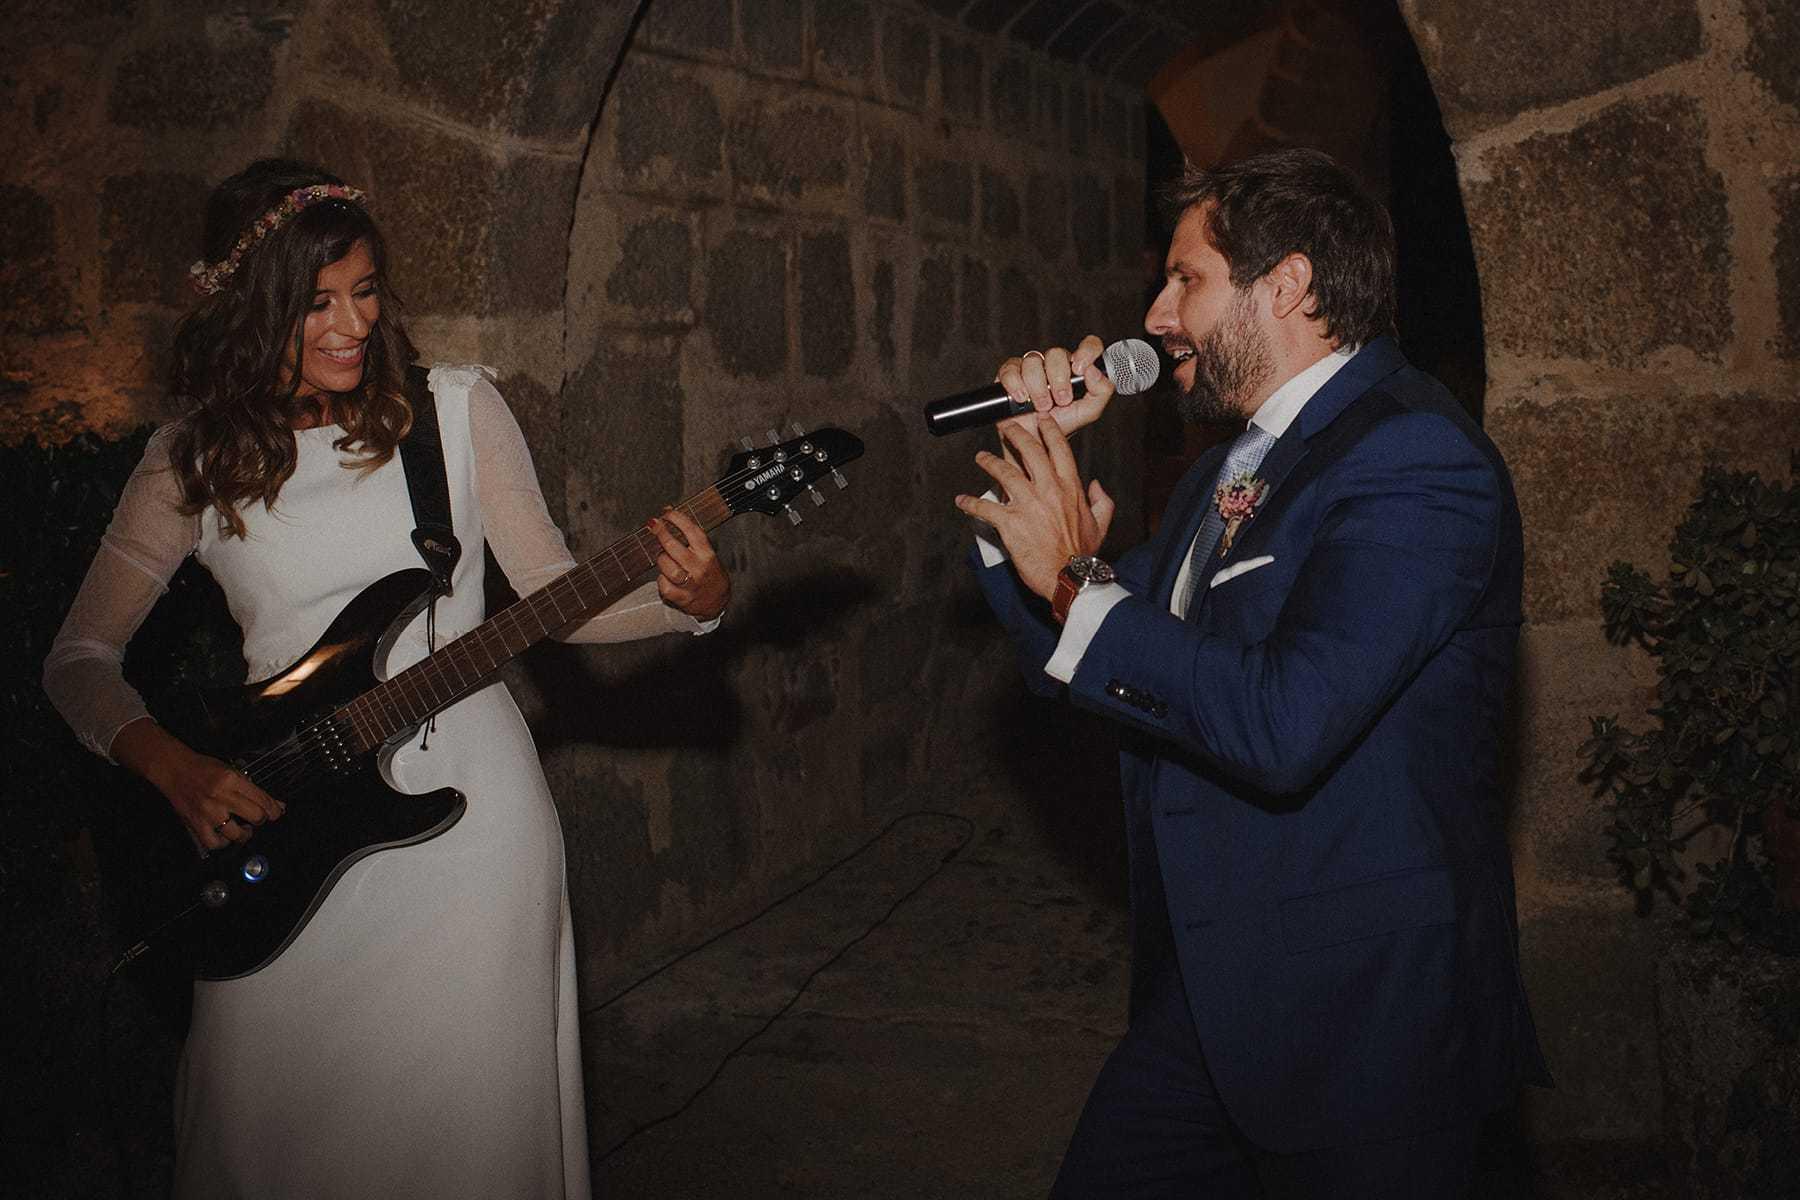 Pareja de novios cantando y tocando la guitarra